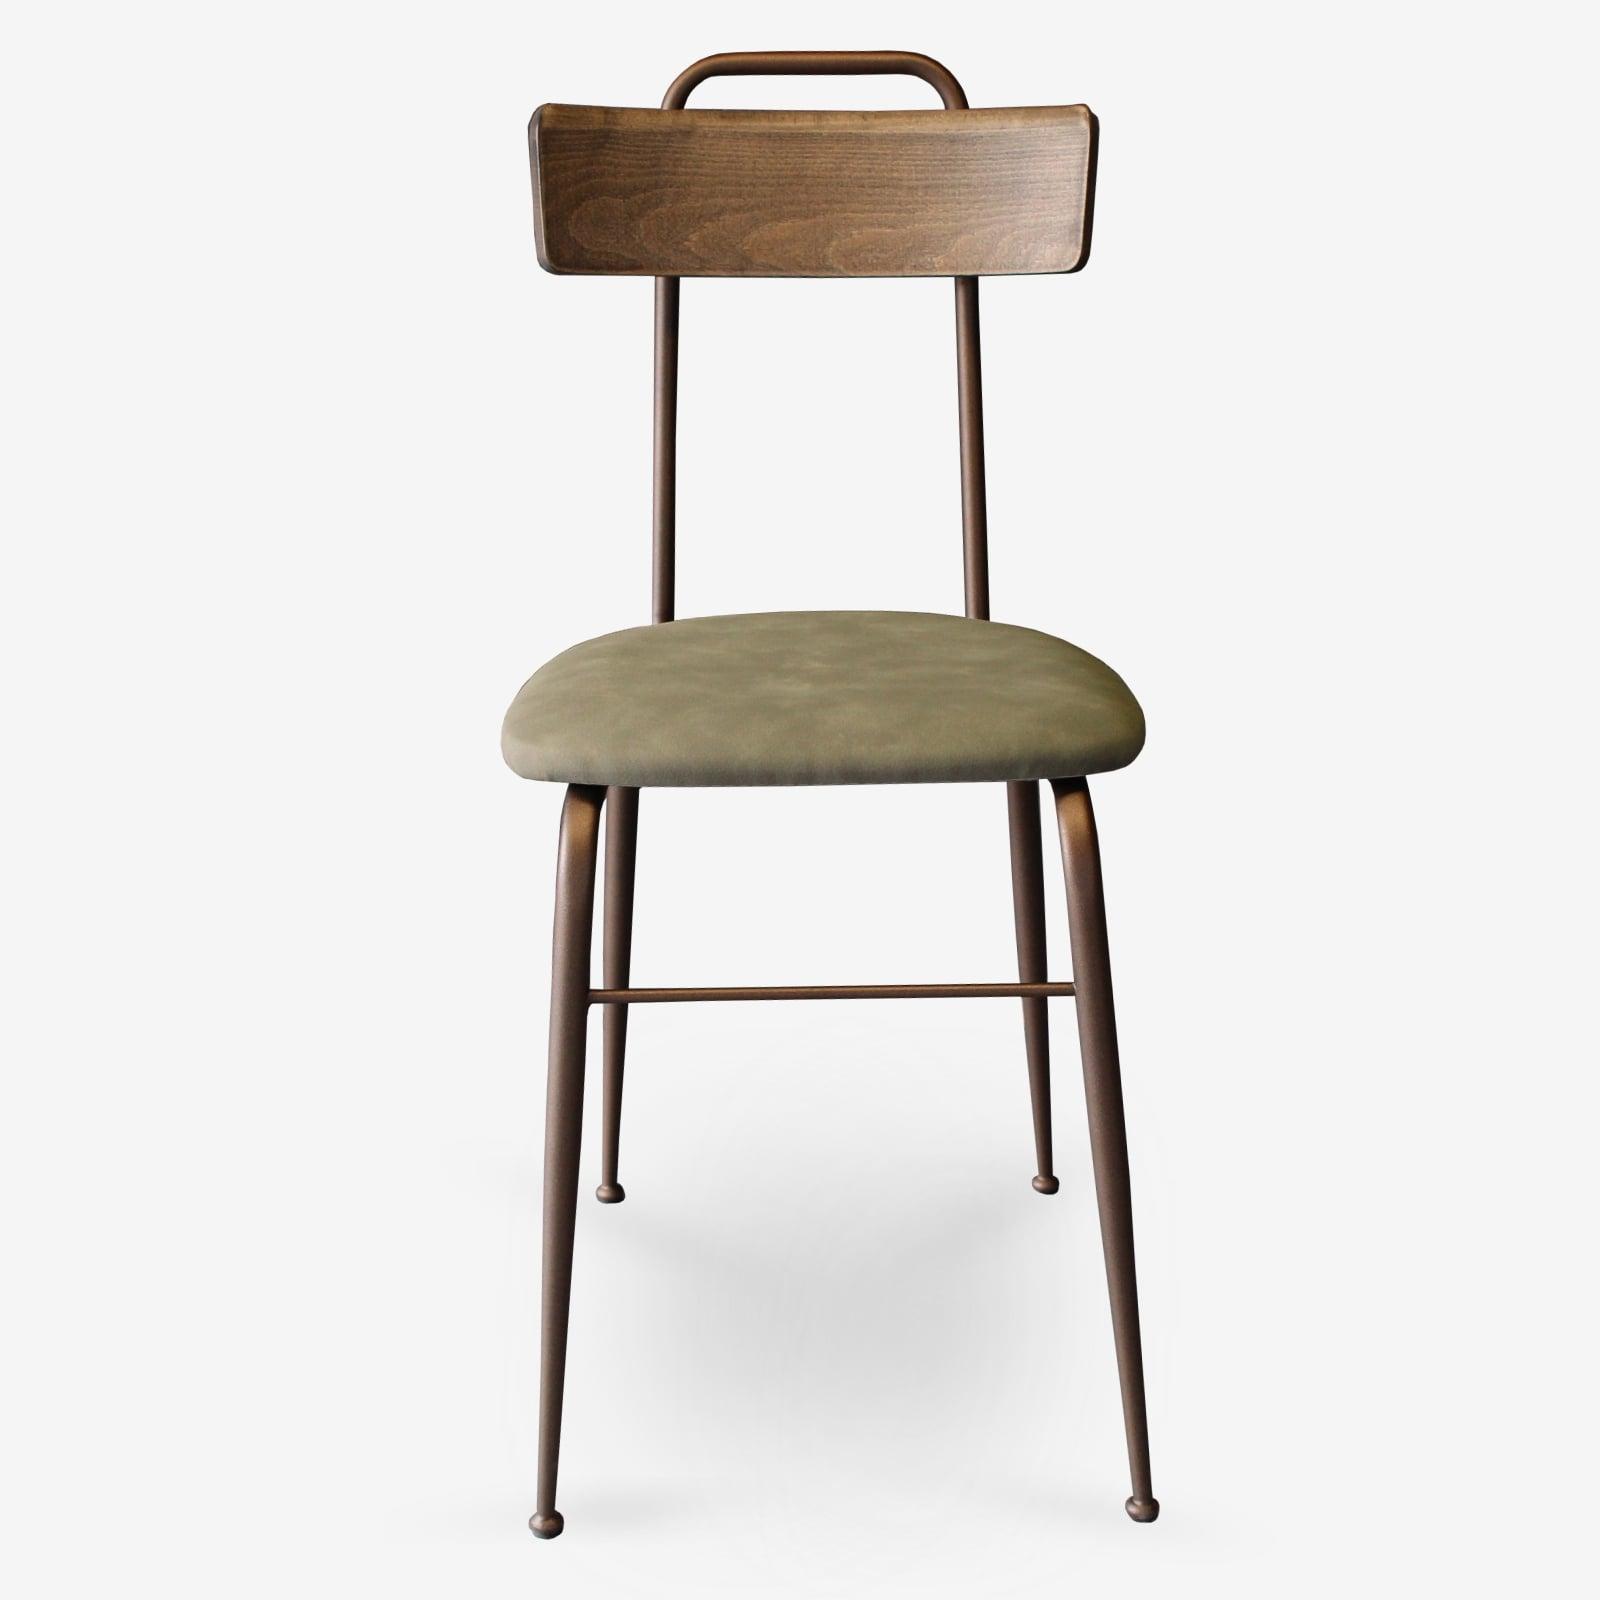 Sedie-in-ecopelle-e-metallo-bronzo-sedie-per-ristoranti-alberghi-bar-sedie-vintage-sedie-di-design-sedie-moderne-Clo- fvo